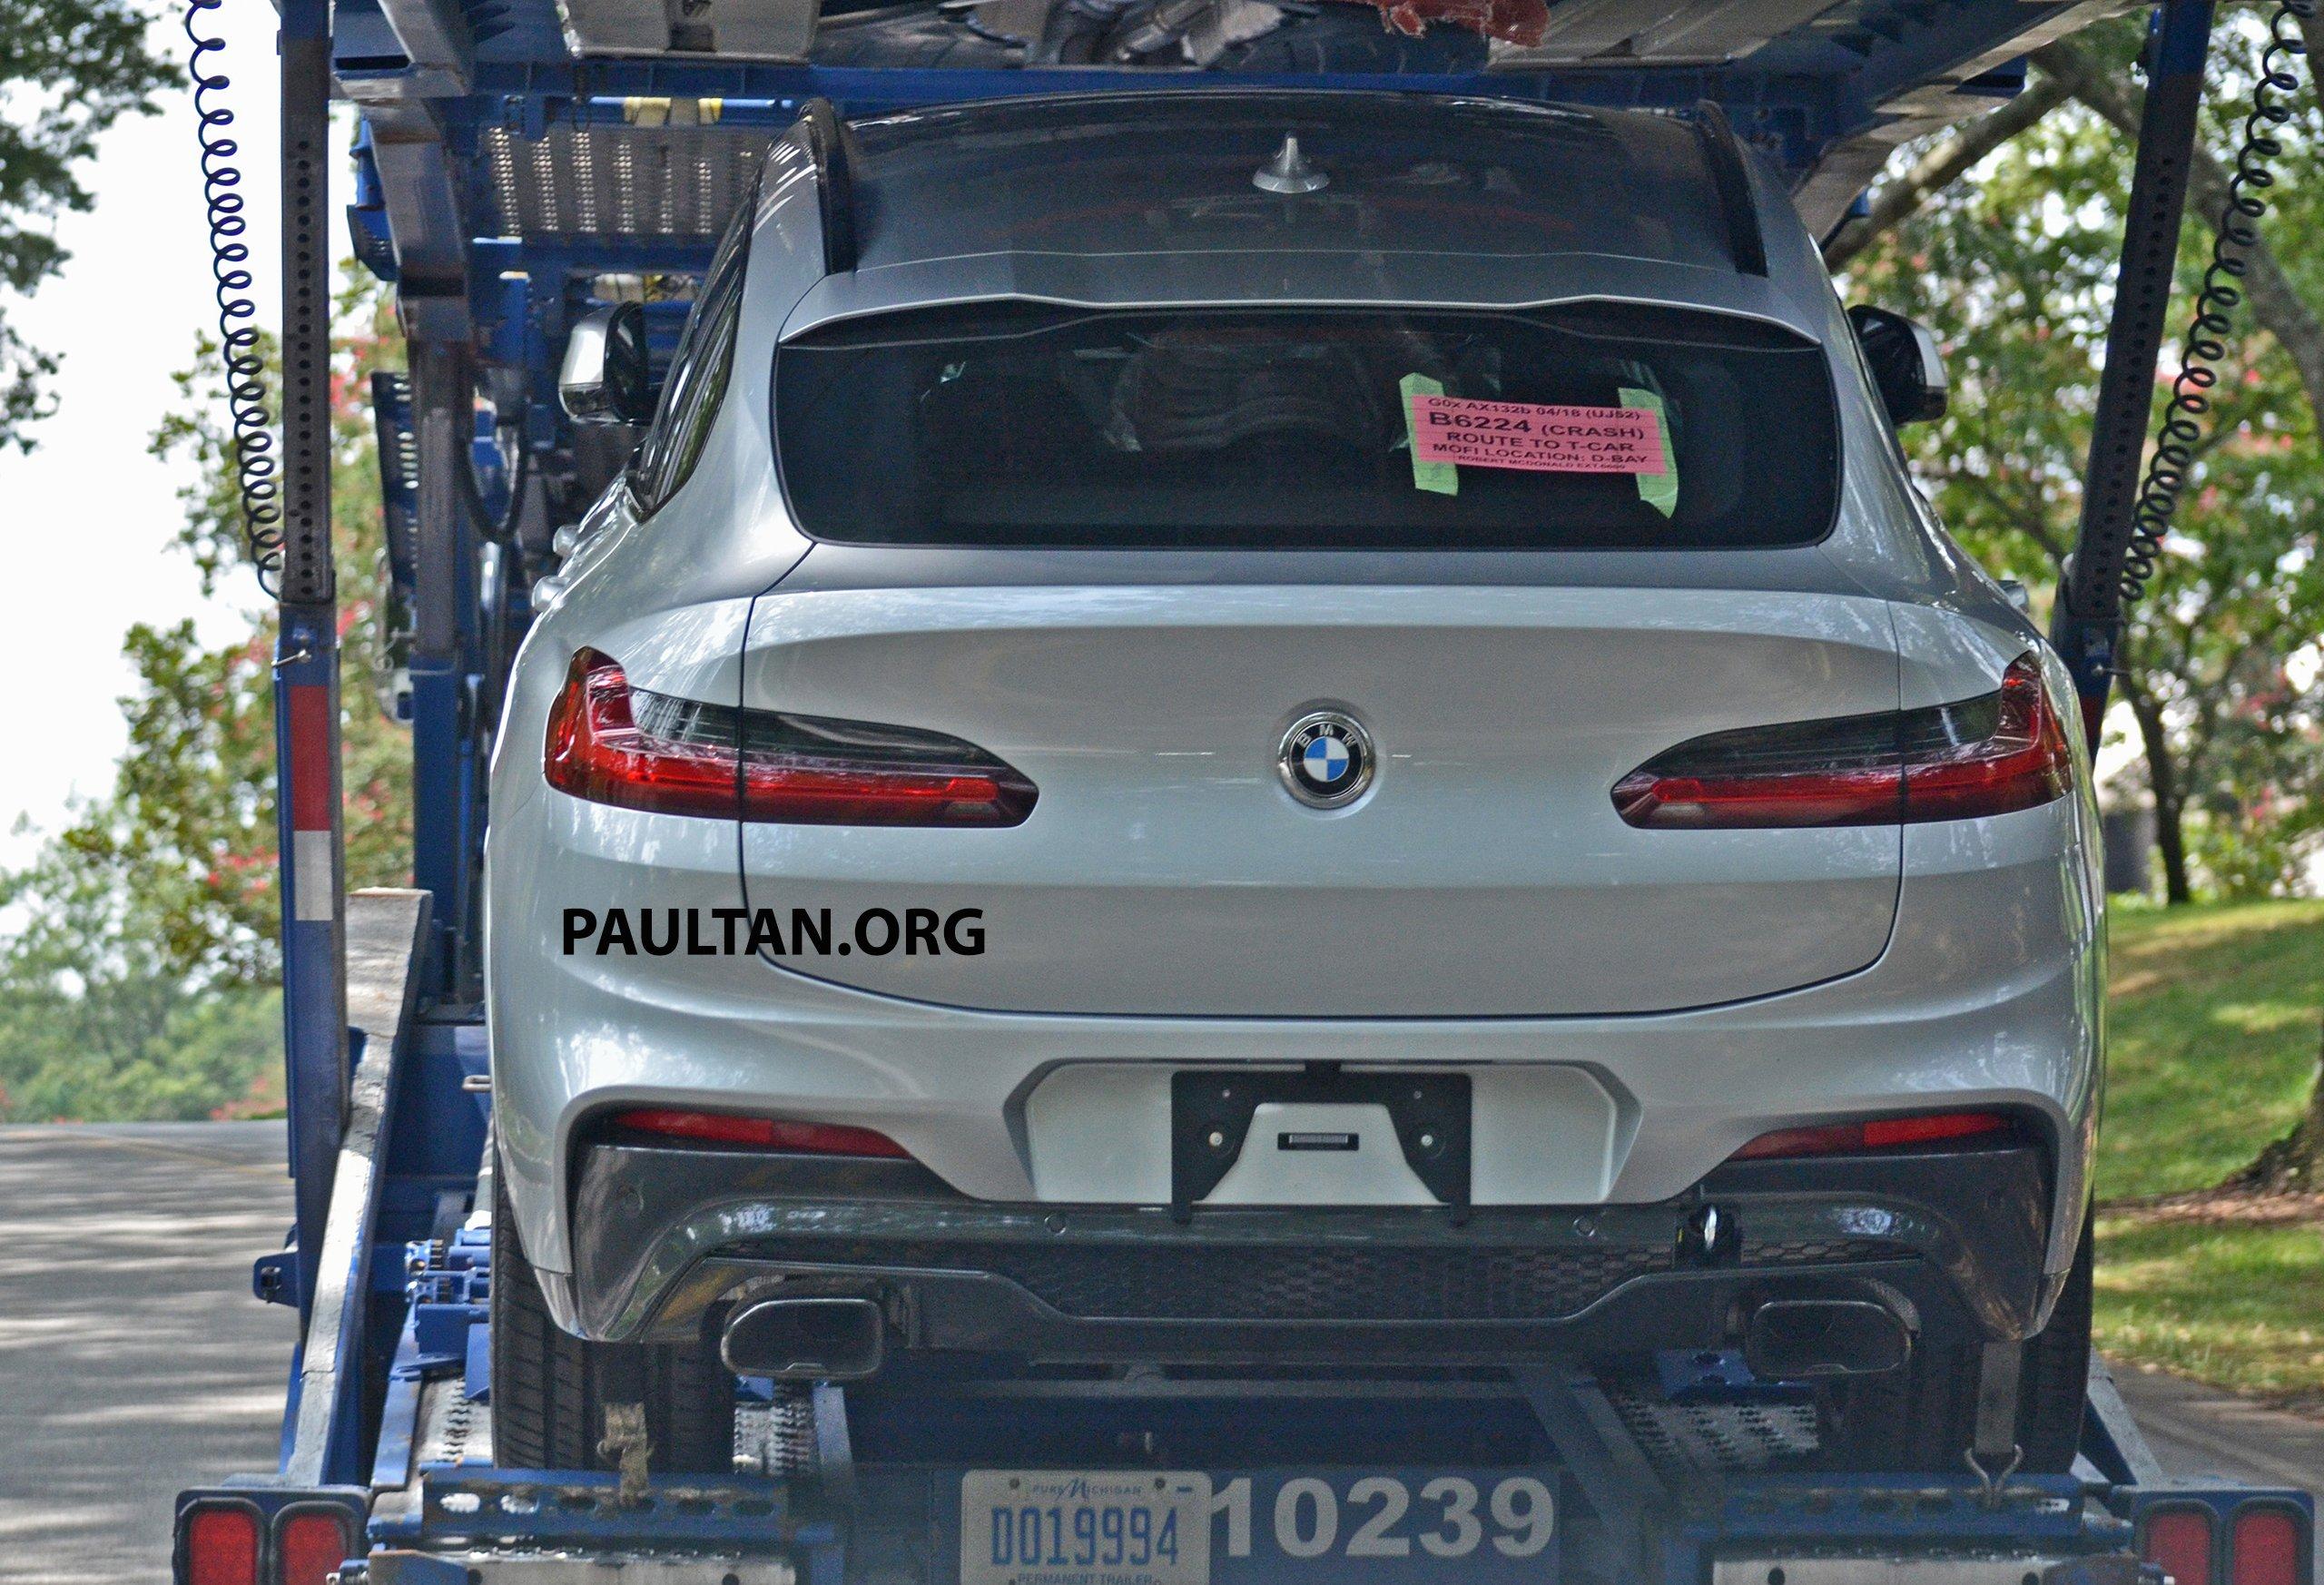 BMW-X4-No-Camo-Spyshots-10.jpg